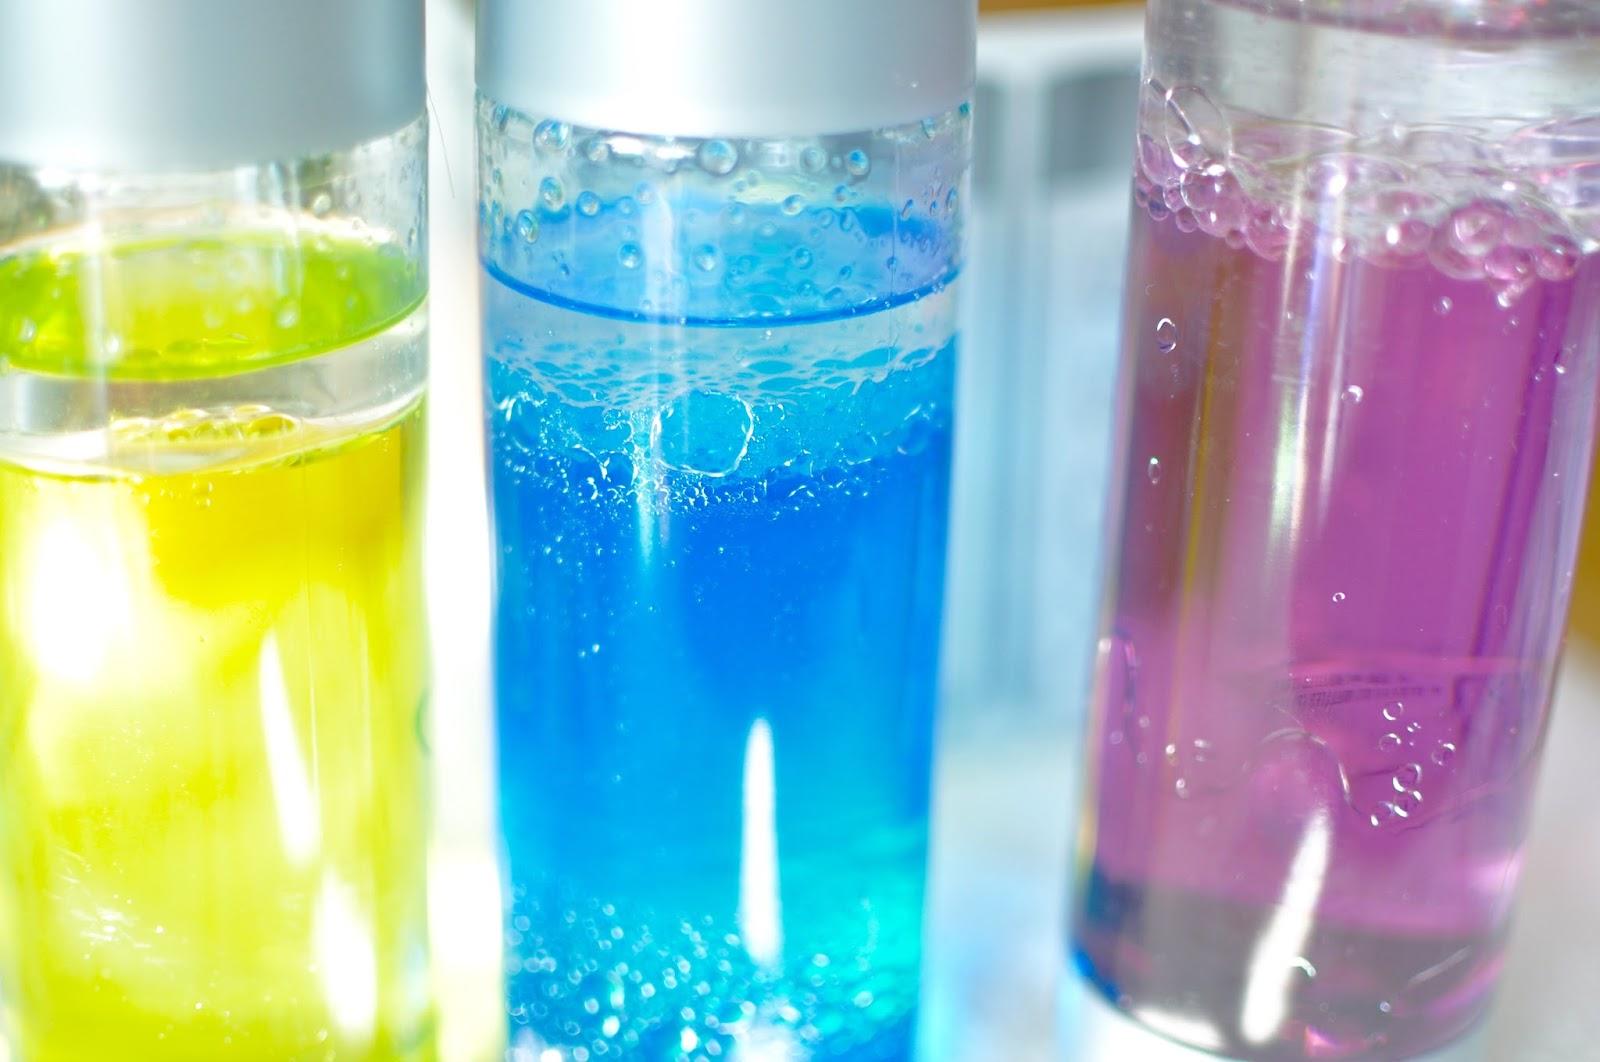 Random-osity: Sensory Bottles